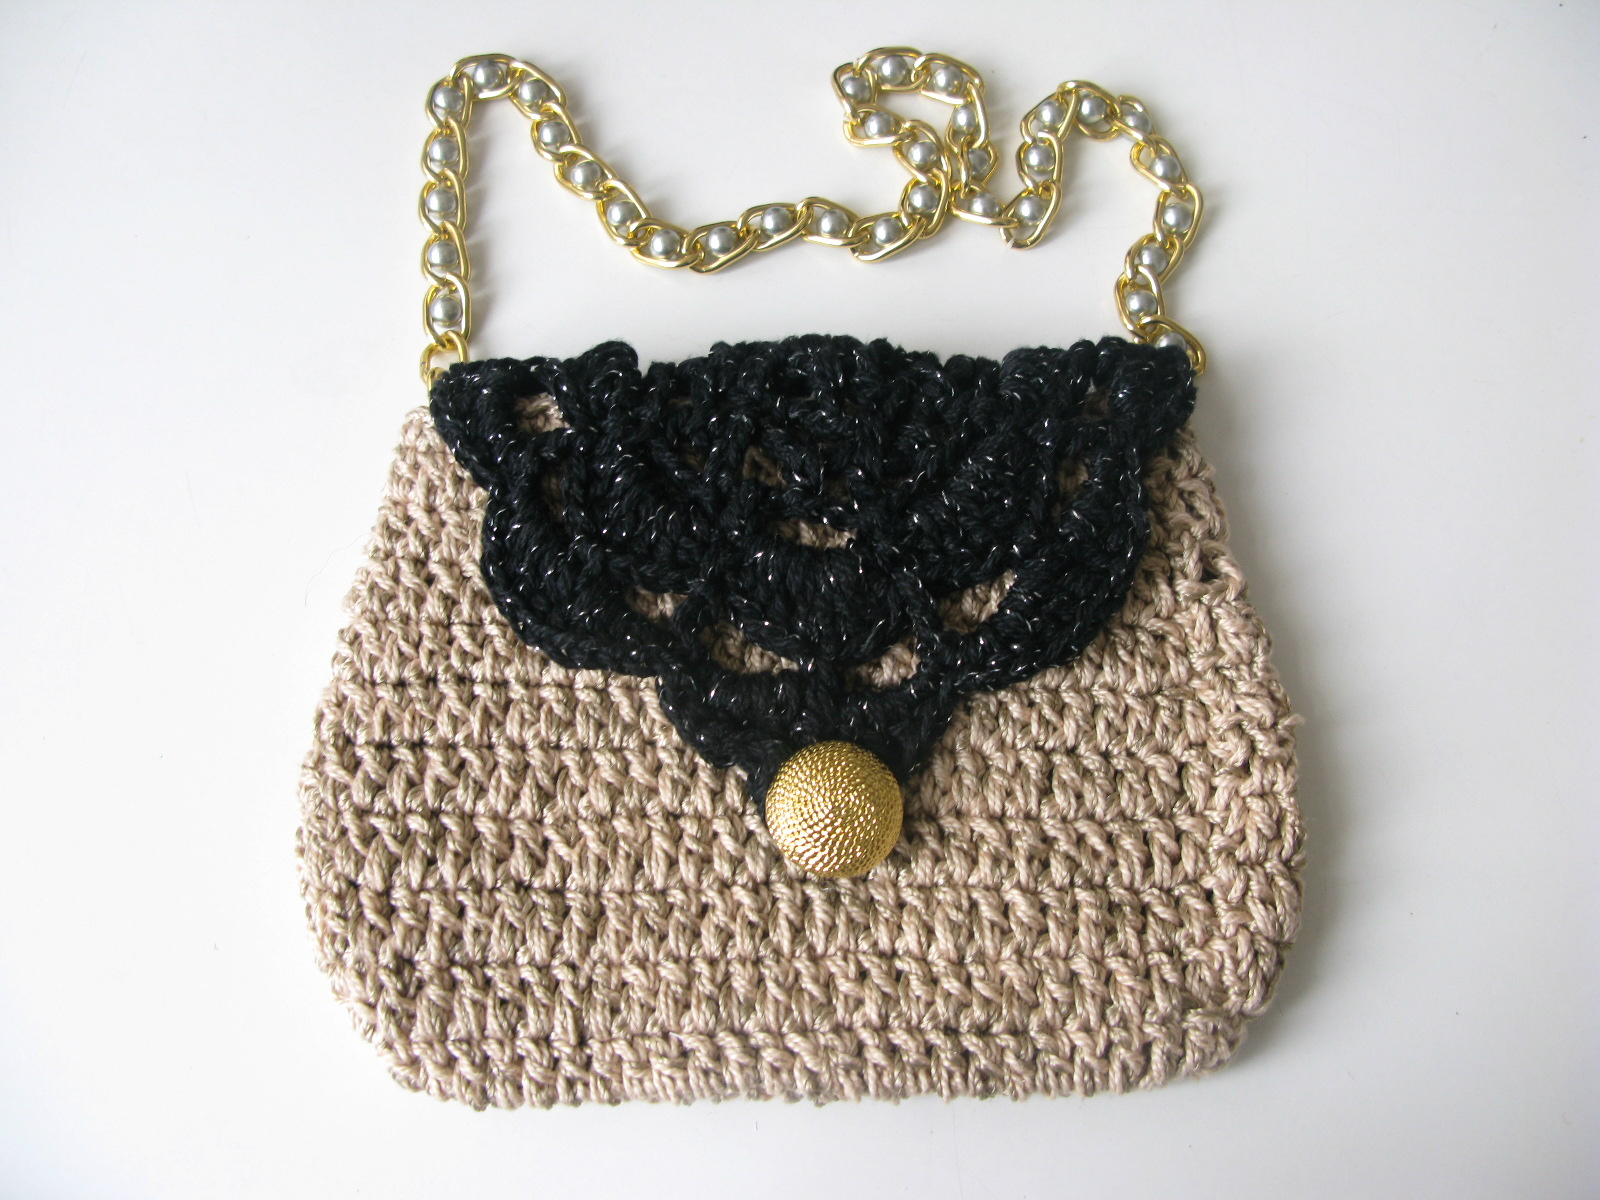 MURIELS CROCHET: MY LITTLE CROCHET BAG